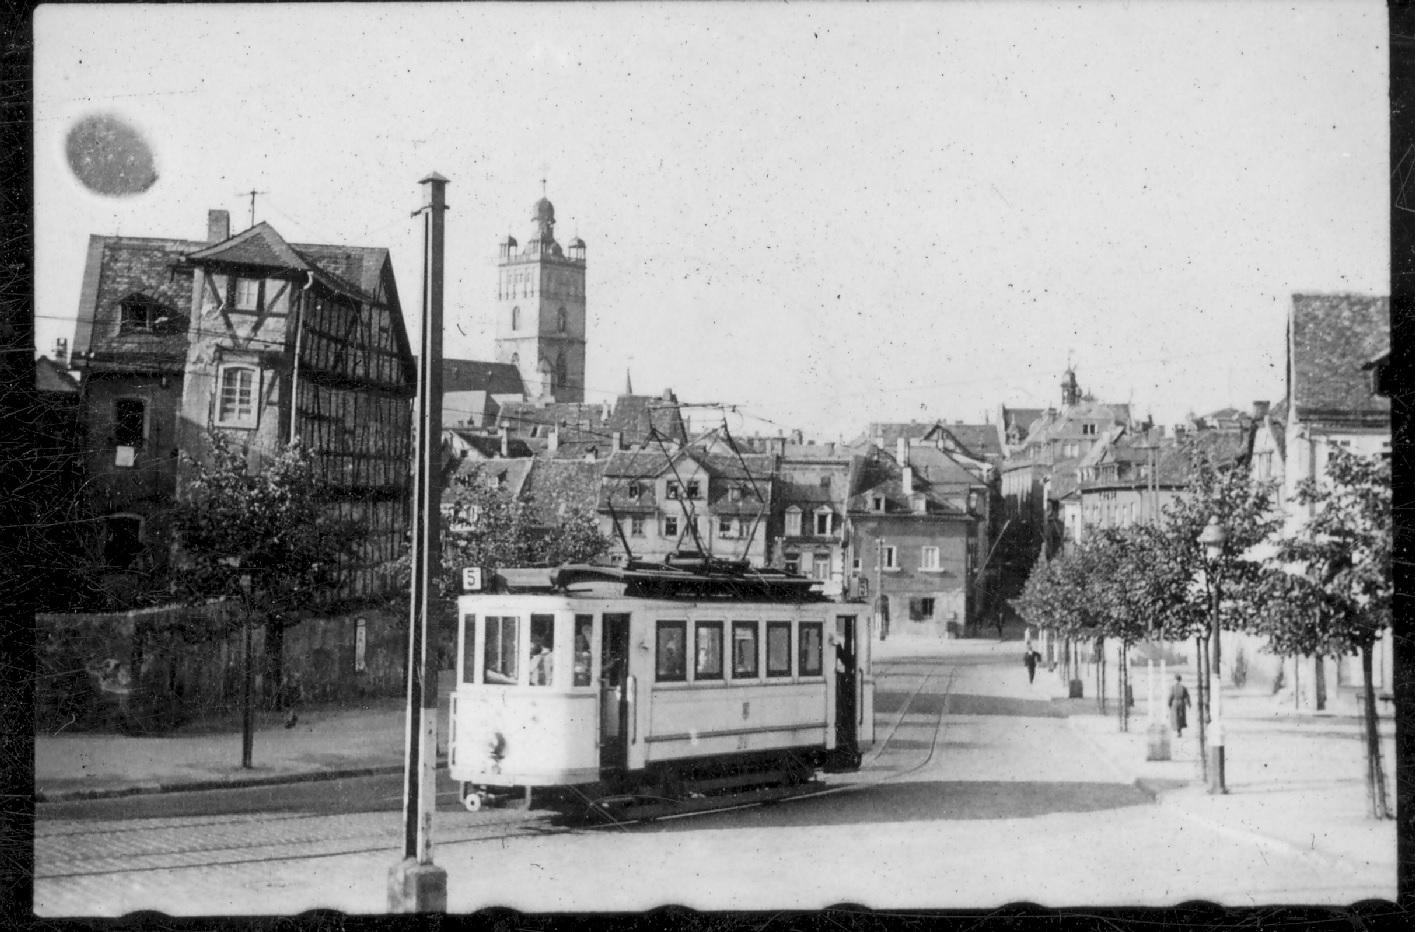 Landgraf-Georg-Straße nach Westen mit Straßenbahnwagen der Linie 5, vor 1943, StadtA DA Best. 53 Nr. 706